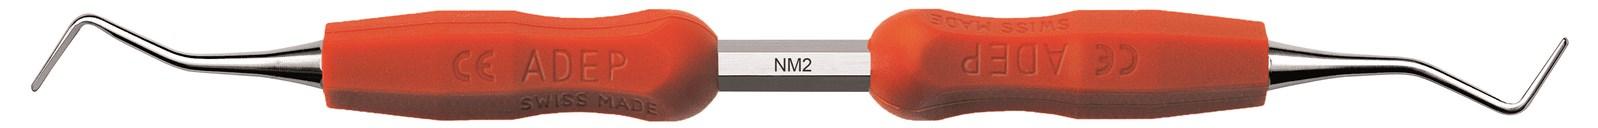 Lžičkové dlátko - NM2, ADEP růžový